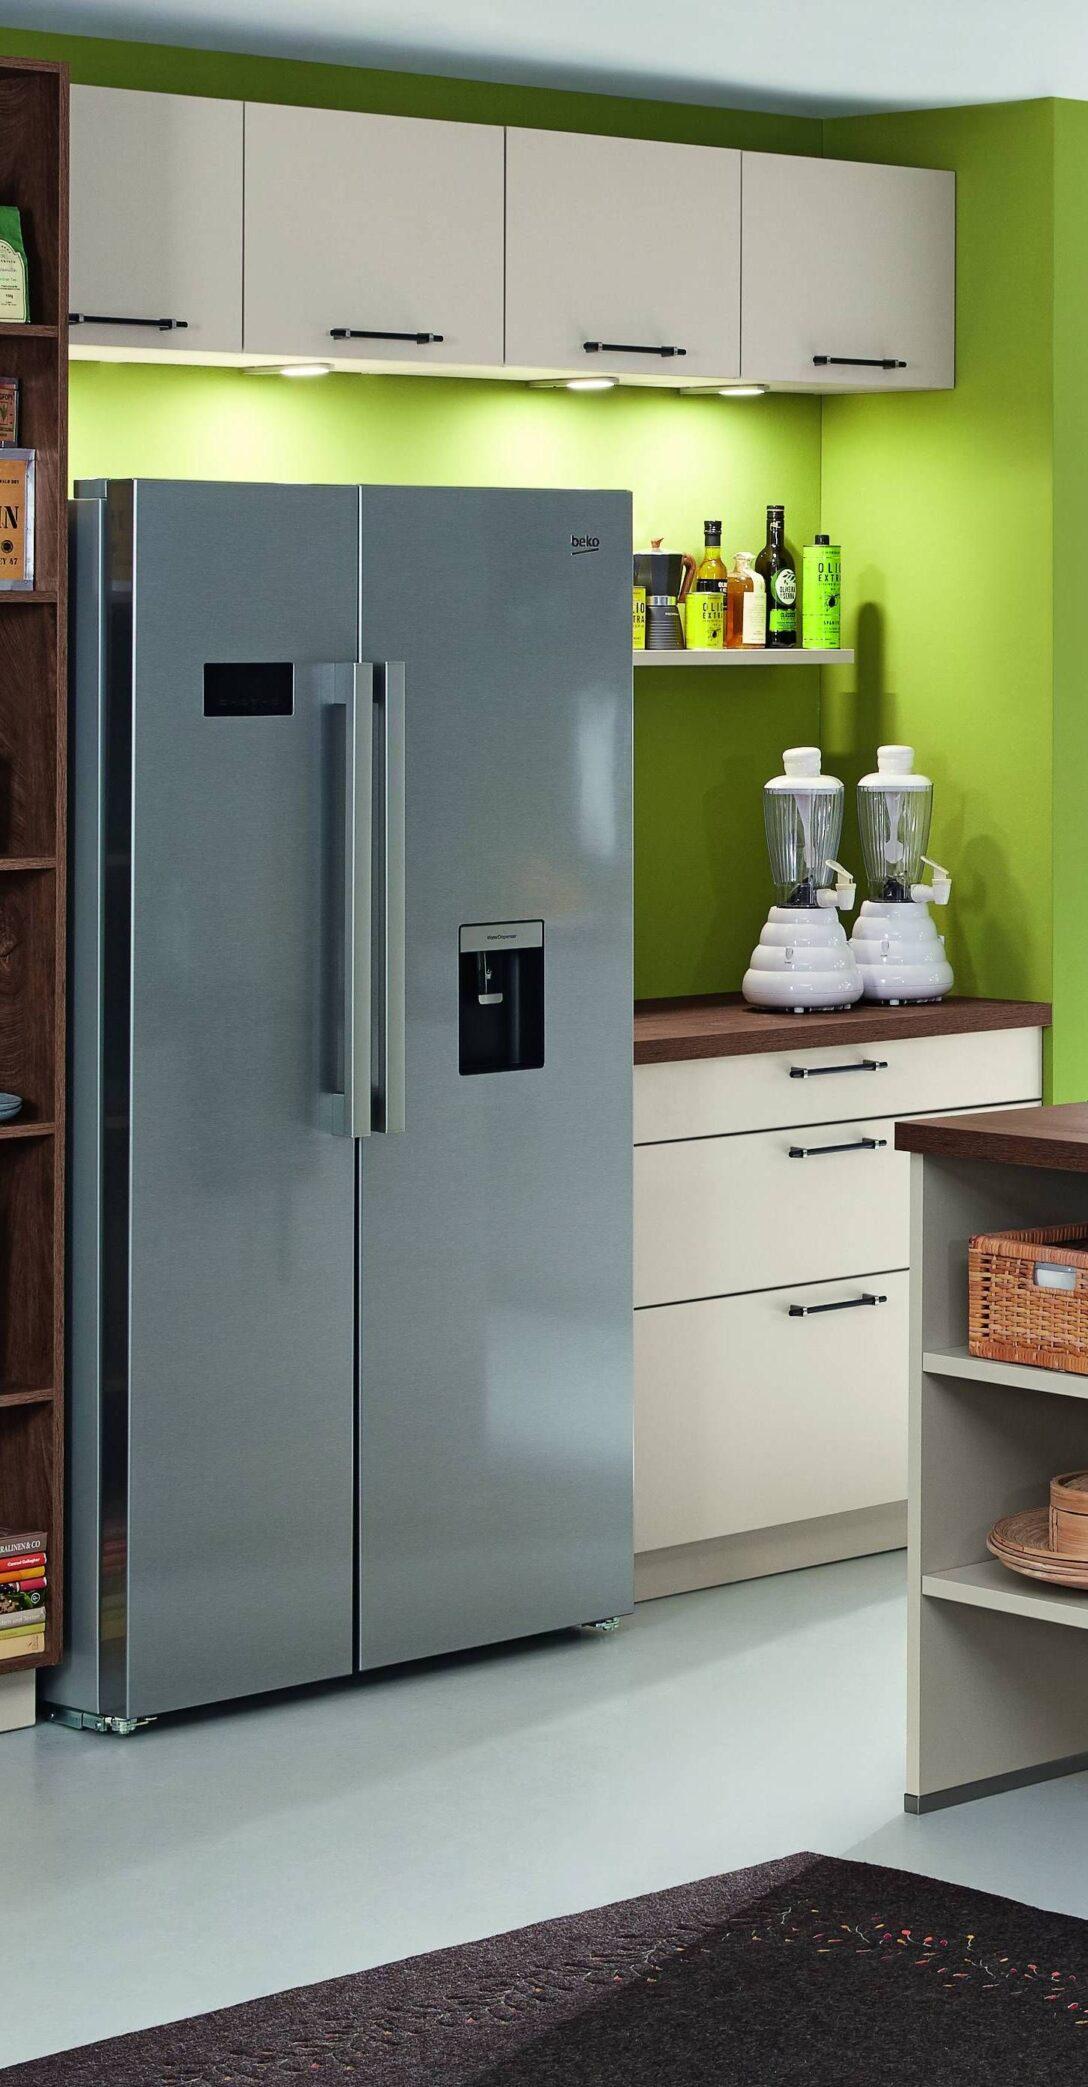 Large Size of Pantryküche Ikea Sie Sehen Hier Eine Schlichte Bauformat Kche Mit Hochwertigen Modulküche Küche Kaufen Kühlschrank Sofa Schlaffunktion Miniküche Betten Wohnzimmer Pantryküche Ikea